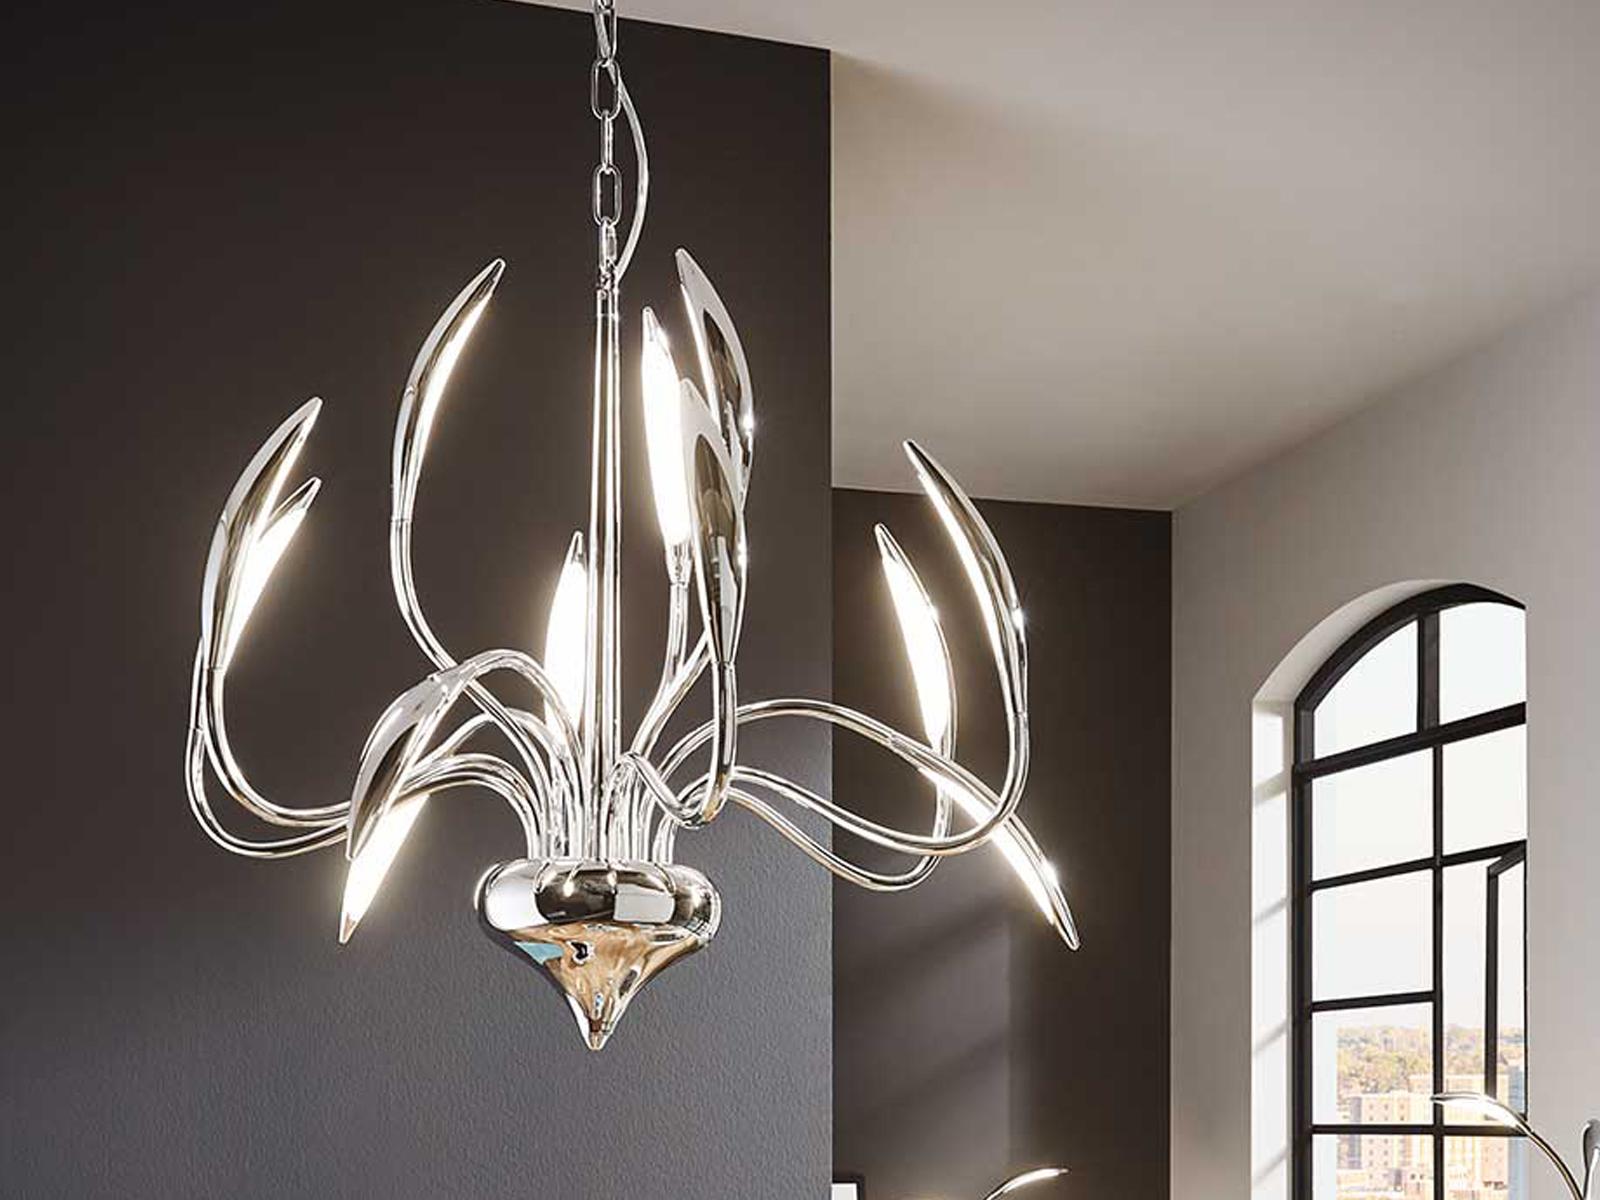 ... LED Pendelleuchte Dimmbar Kronleuchter Modern 70cm Wofi Leuchten